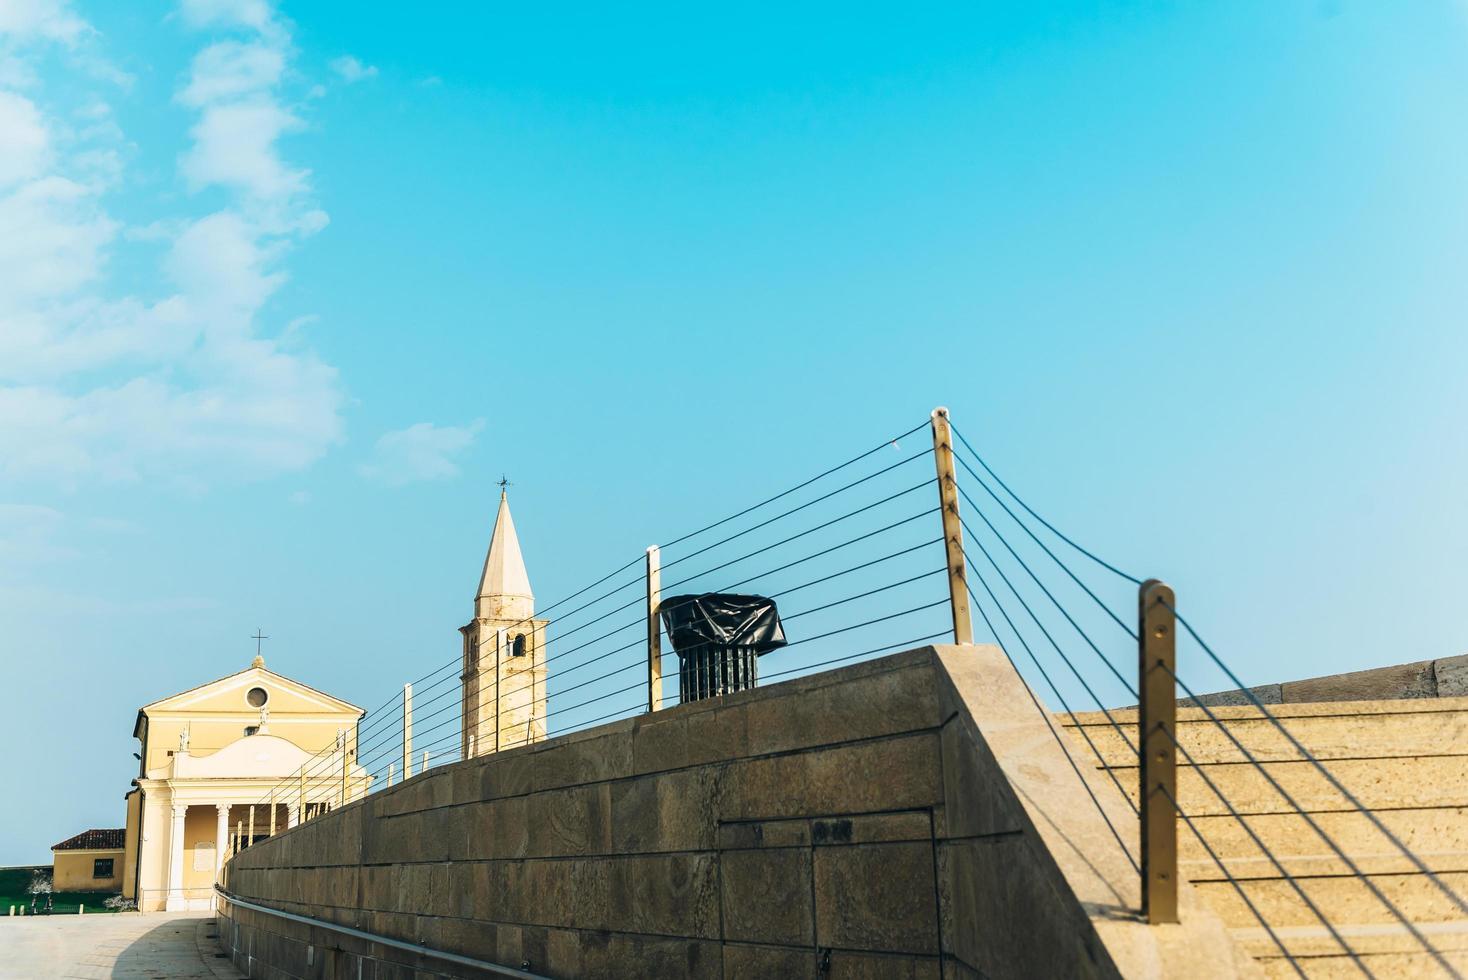 Église de notre dame de l'ange sur la plage de caorle italie photo